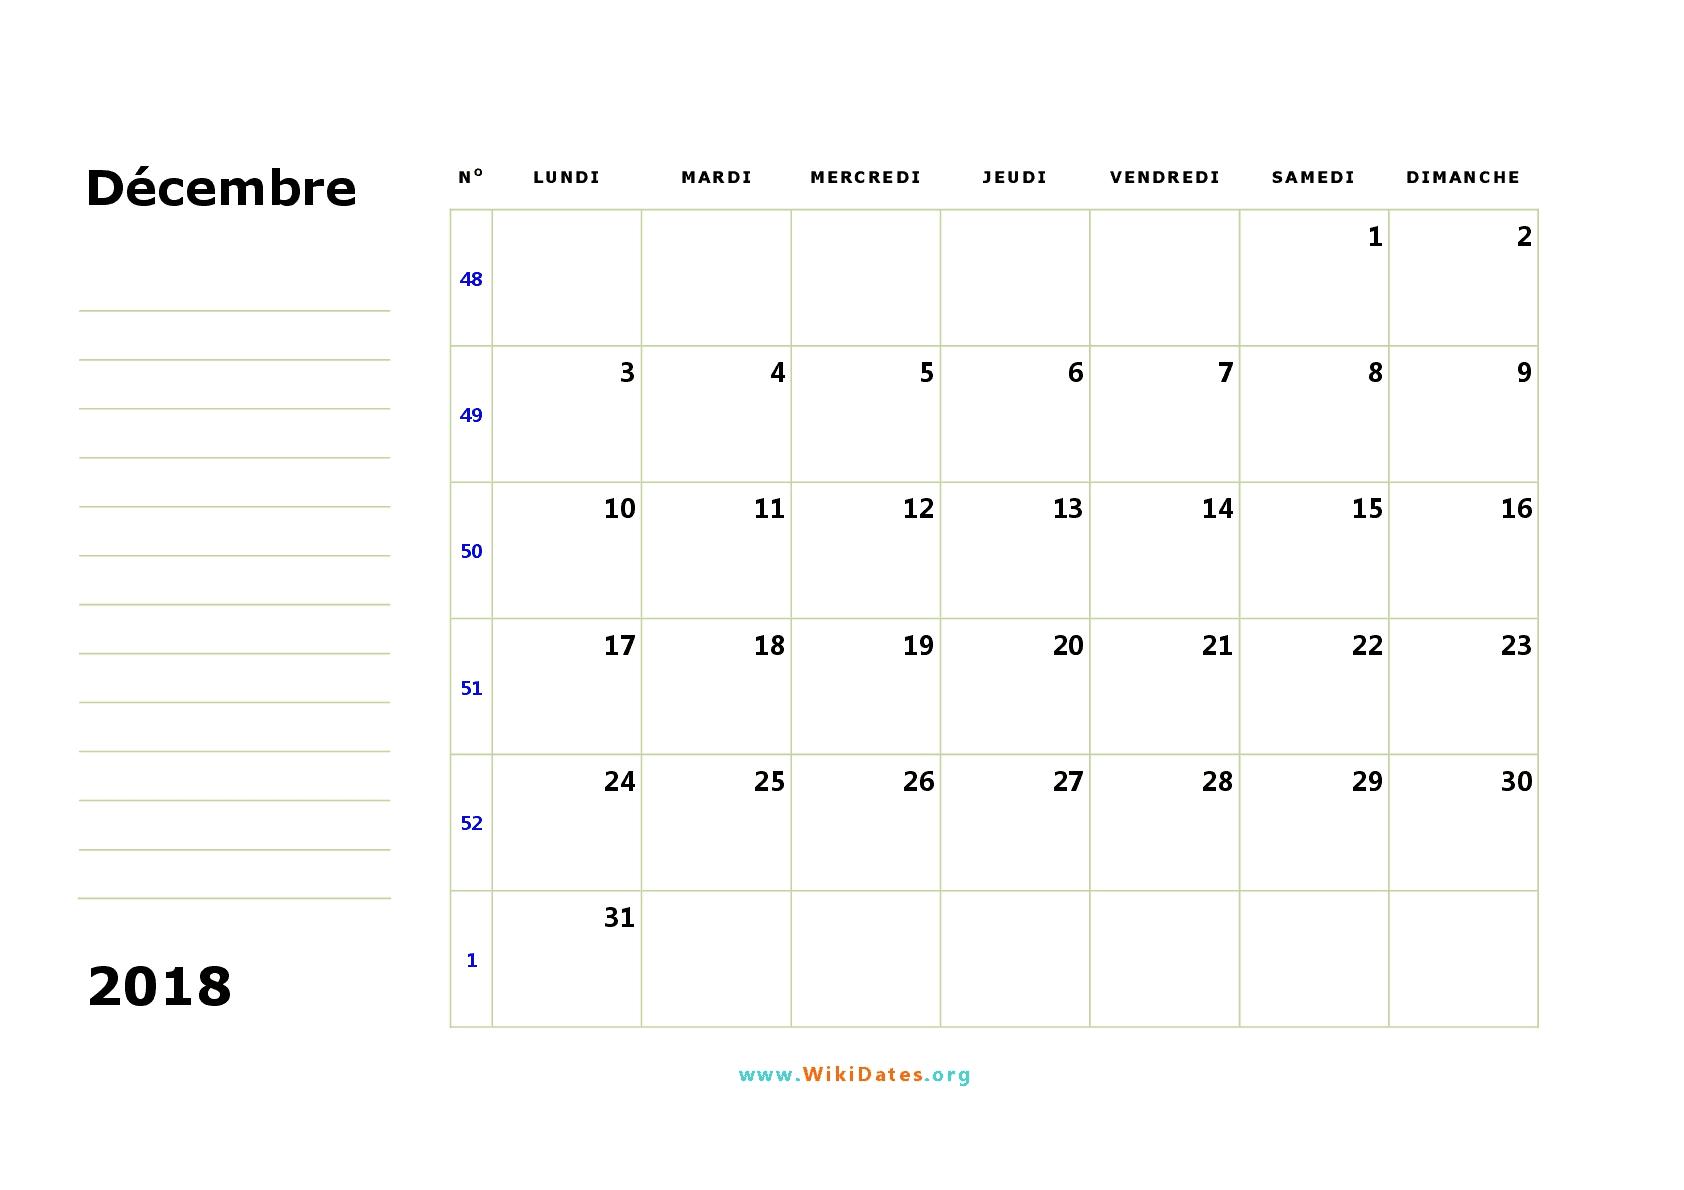 21 decembre 2018 rencontre